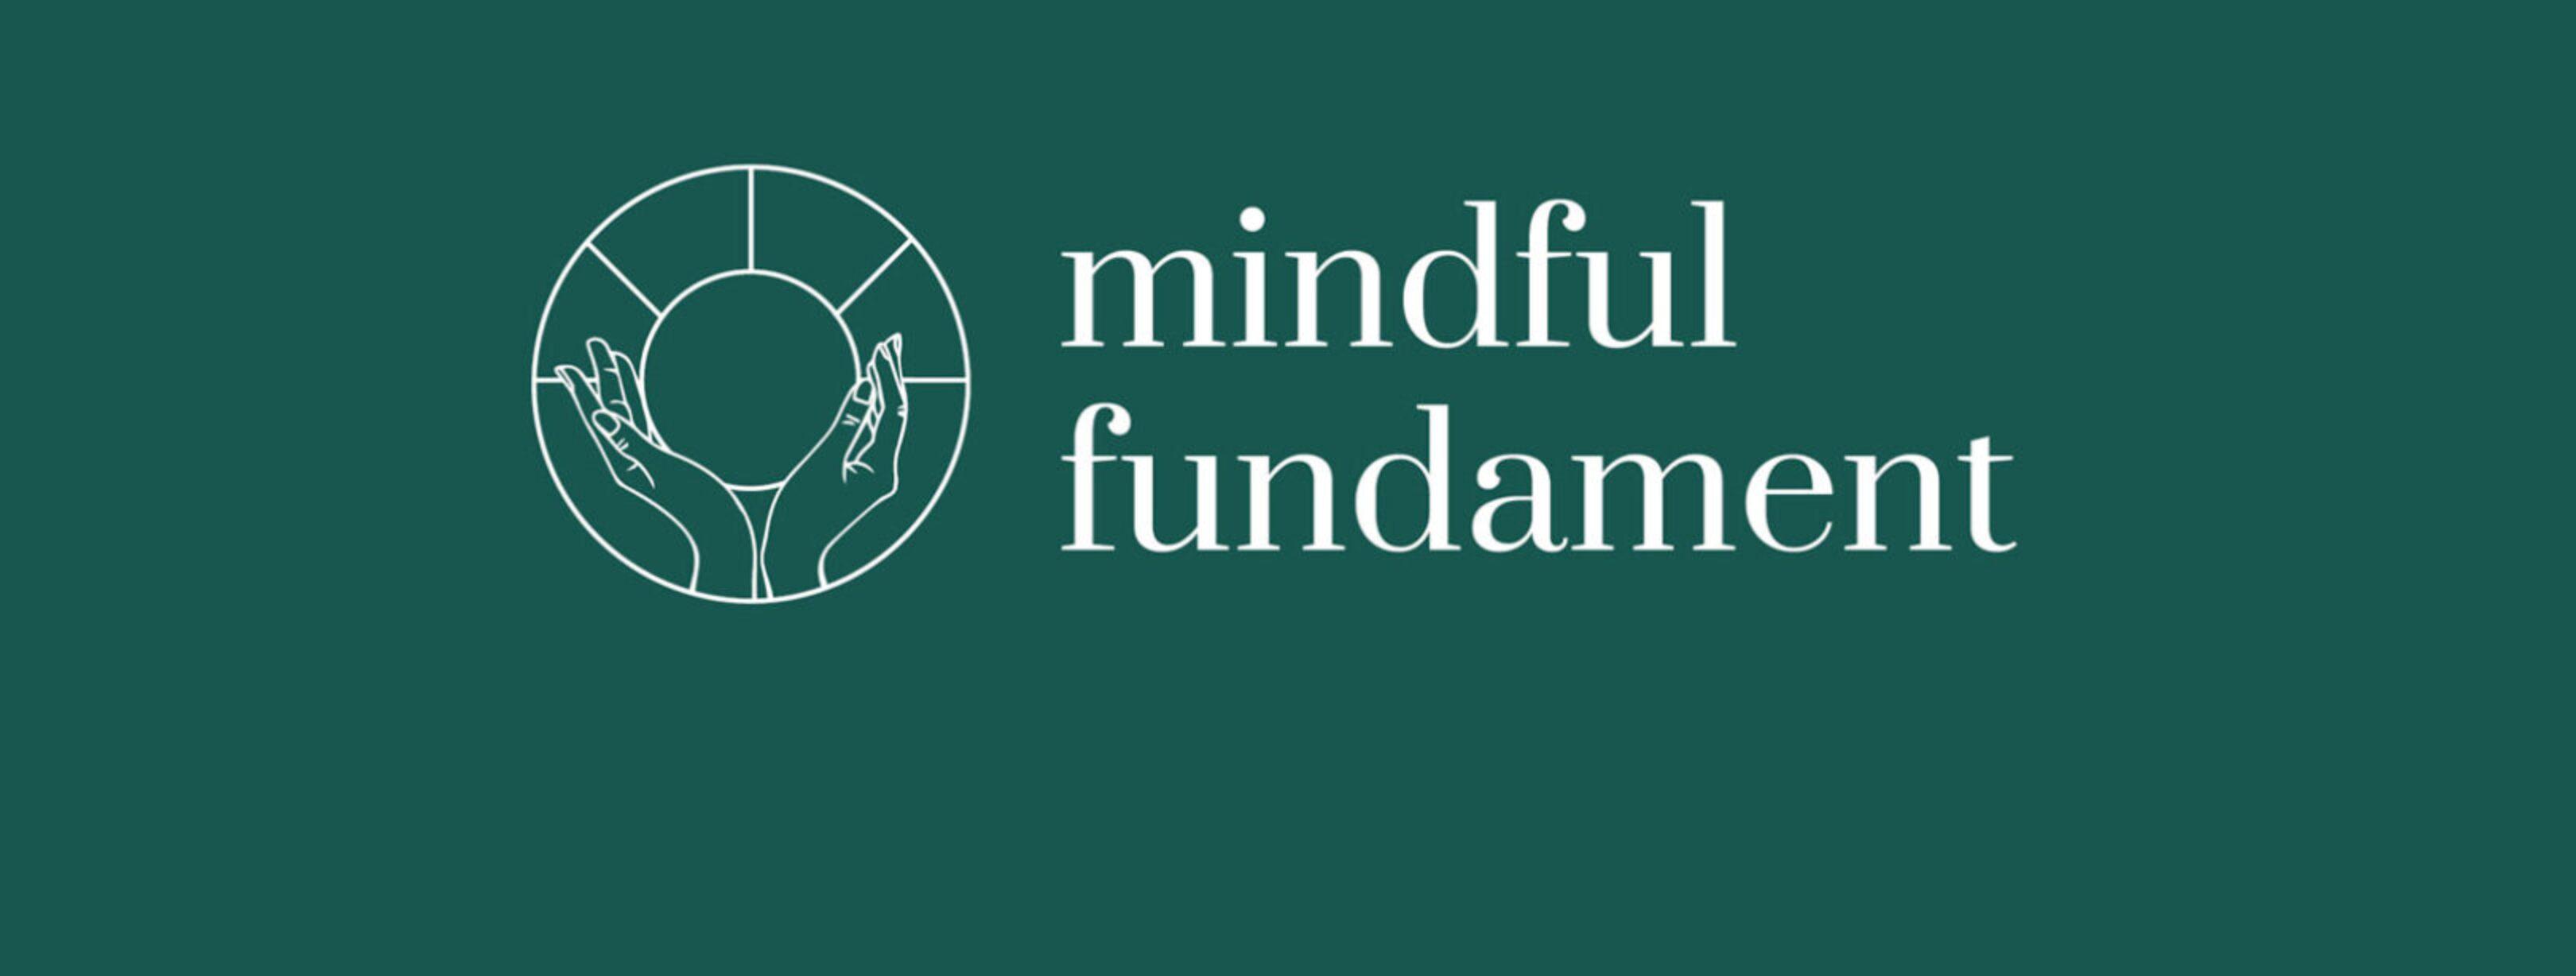 mindful-fundament-mindfulness-1620